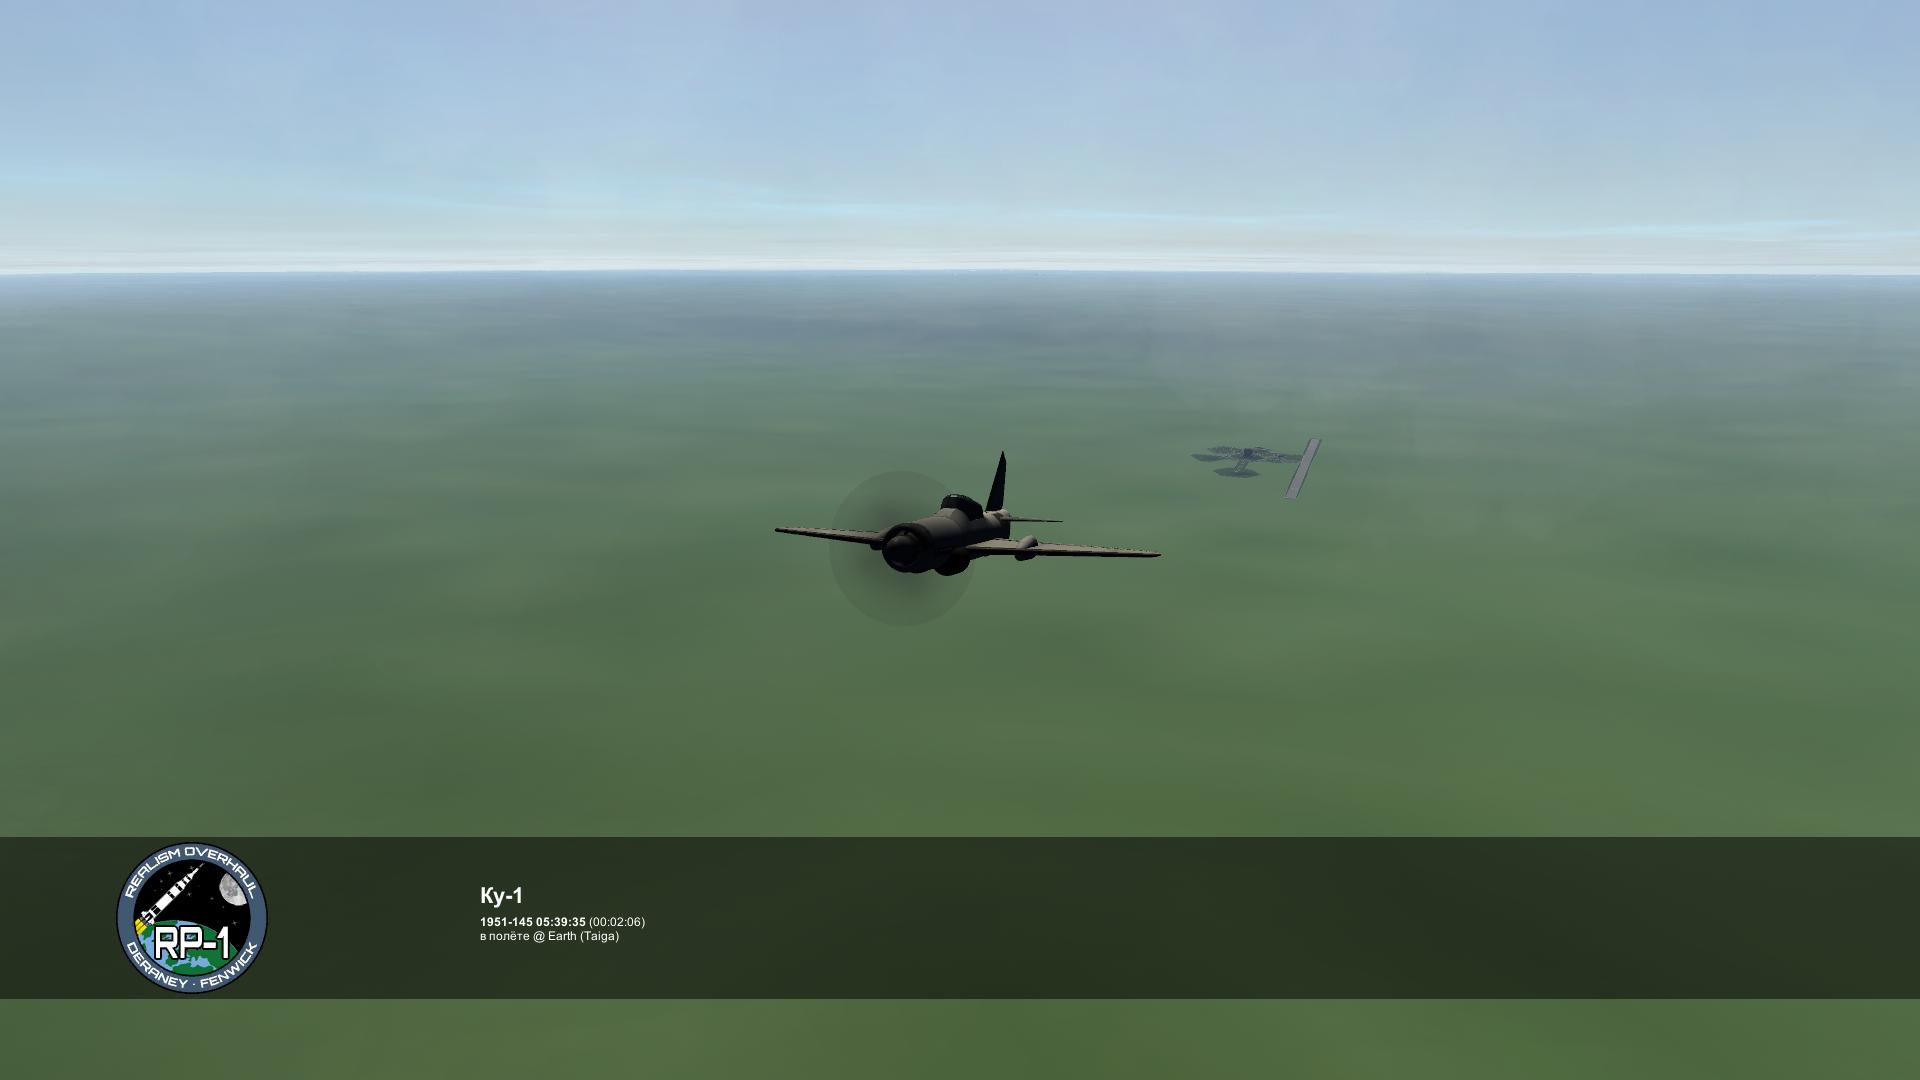 Обои боевой самолет, ночь, освещение, свет, крылатая машина. Авиация foto 2